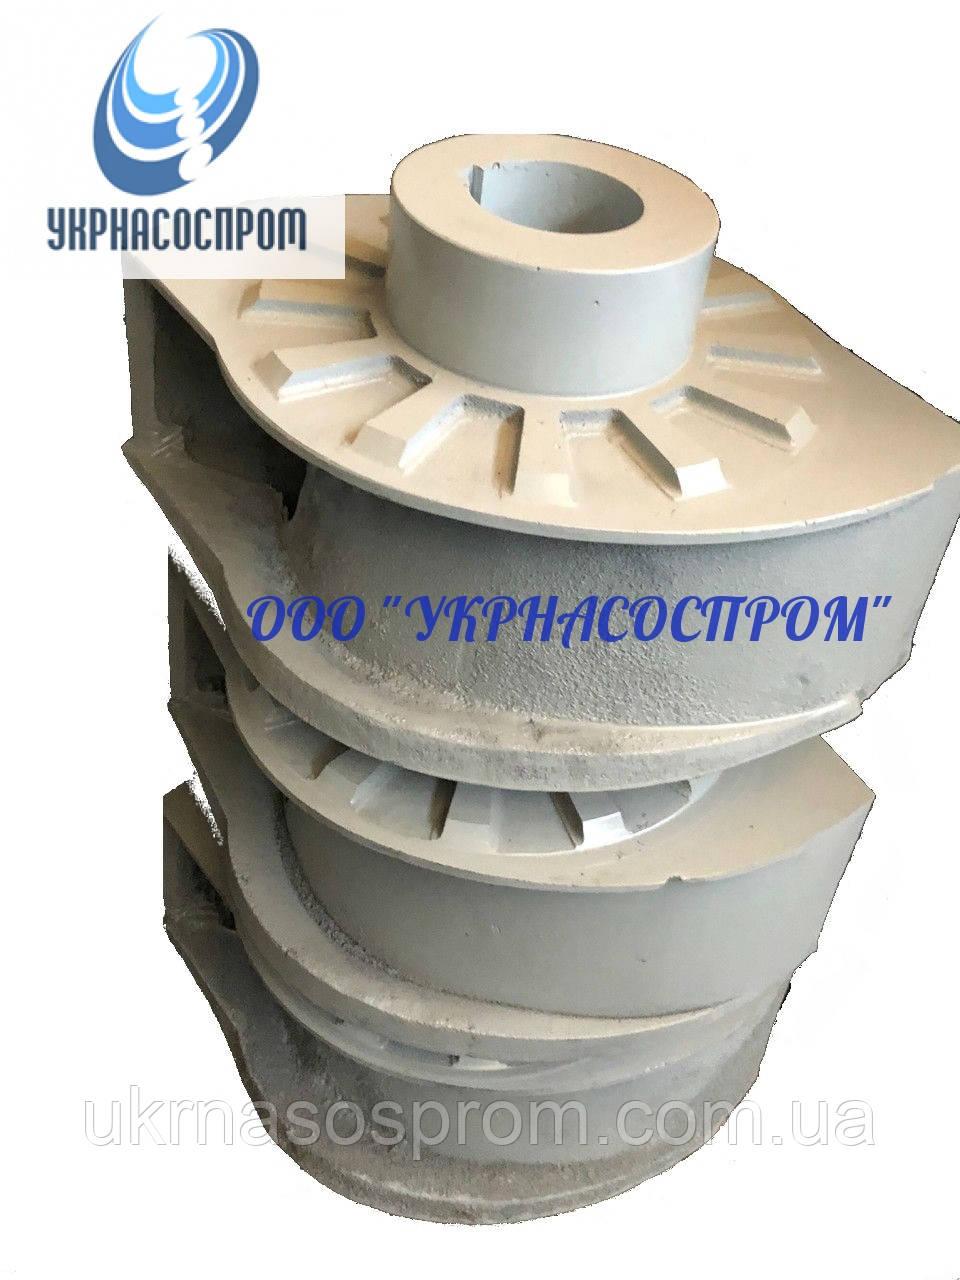 Рабочее колесо насоса КФС 160-10